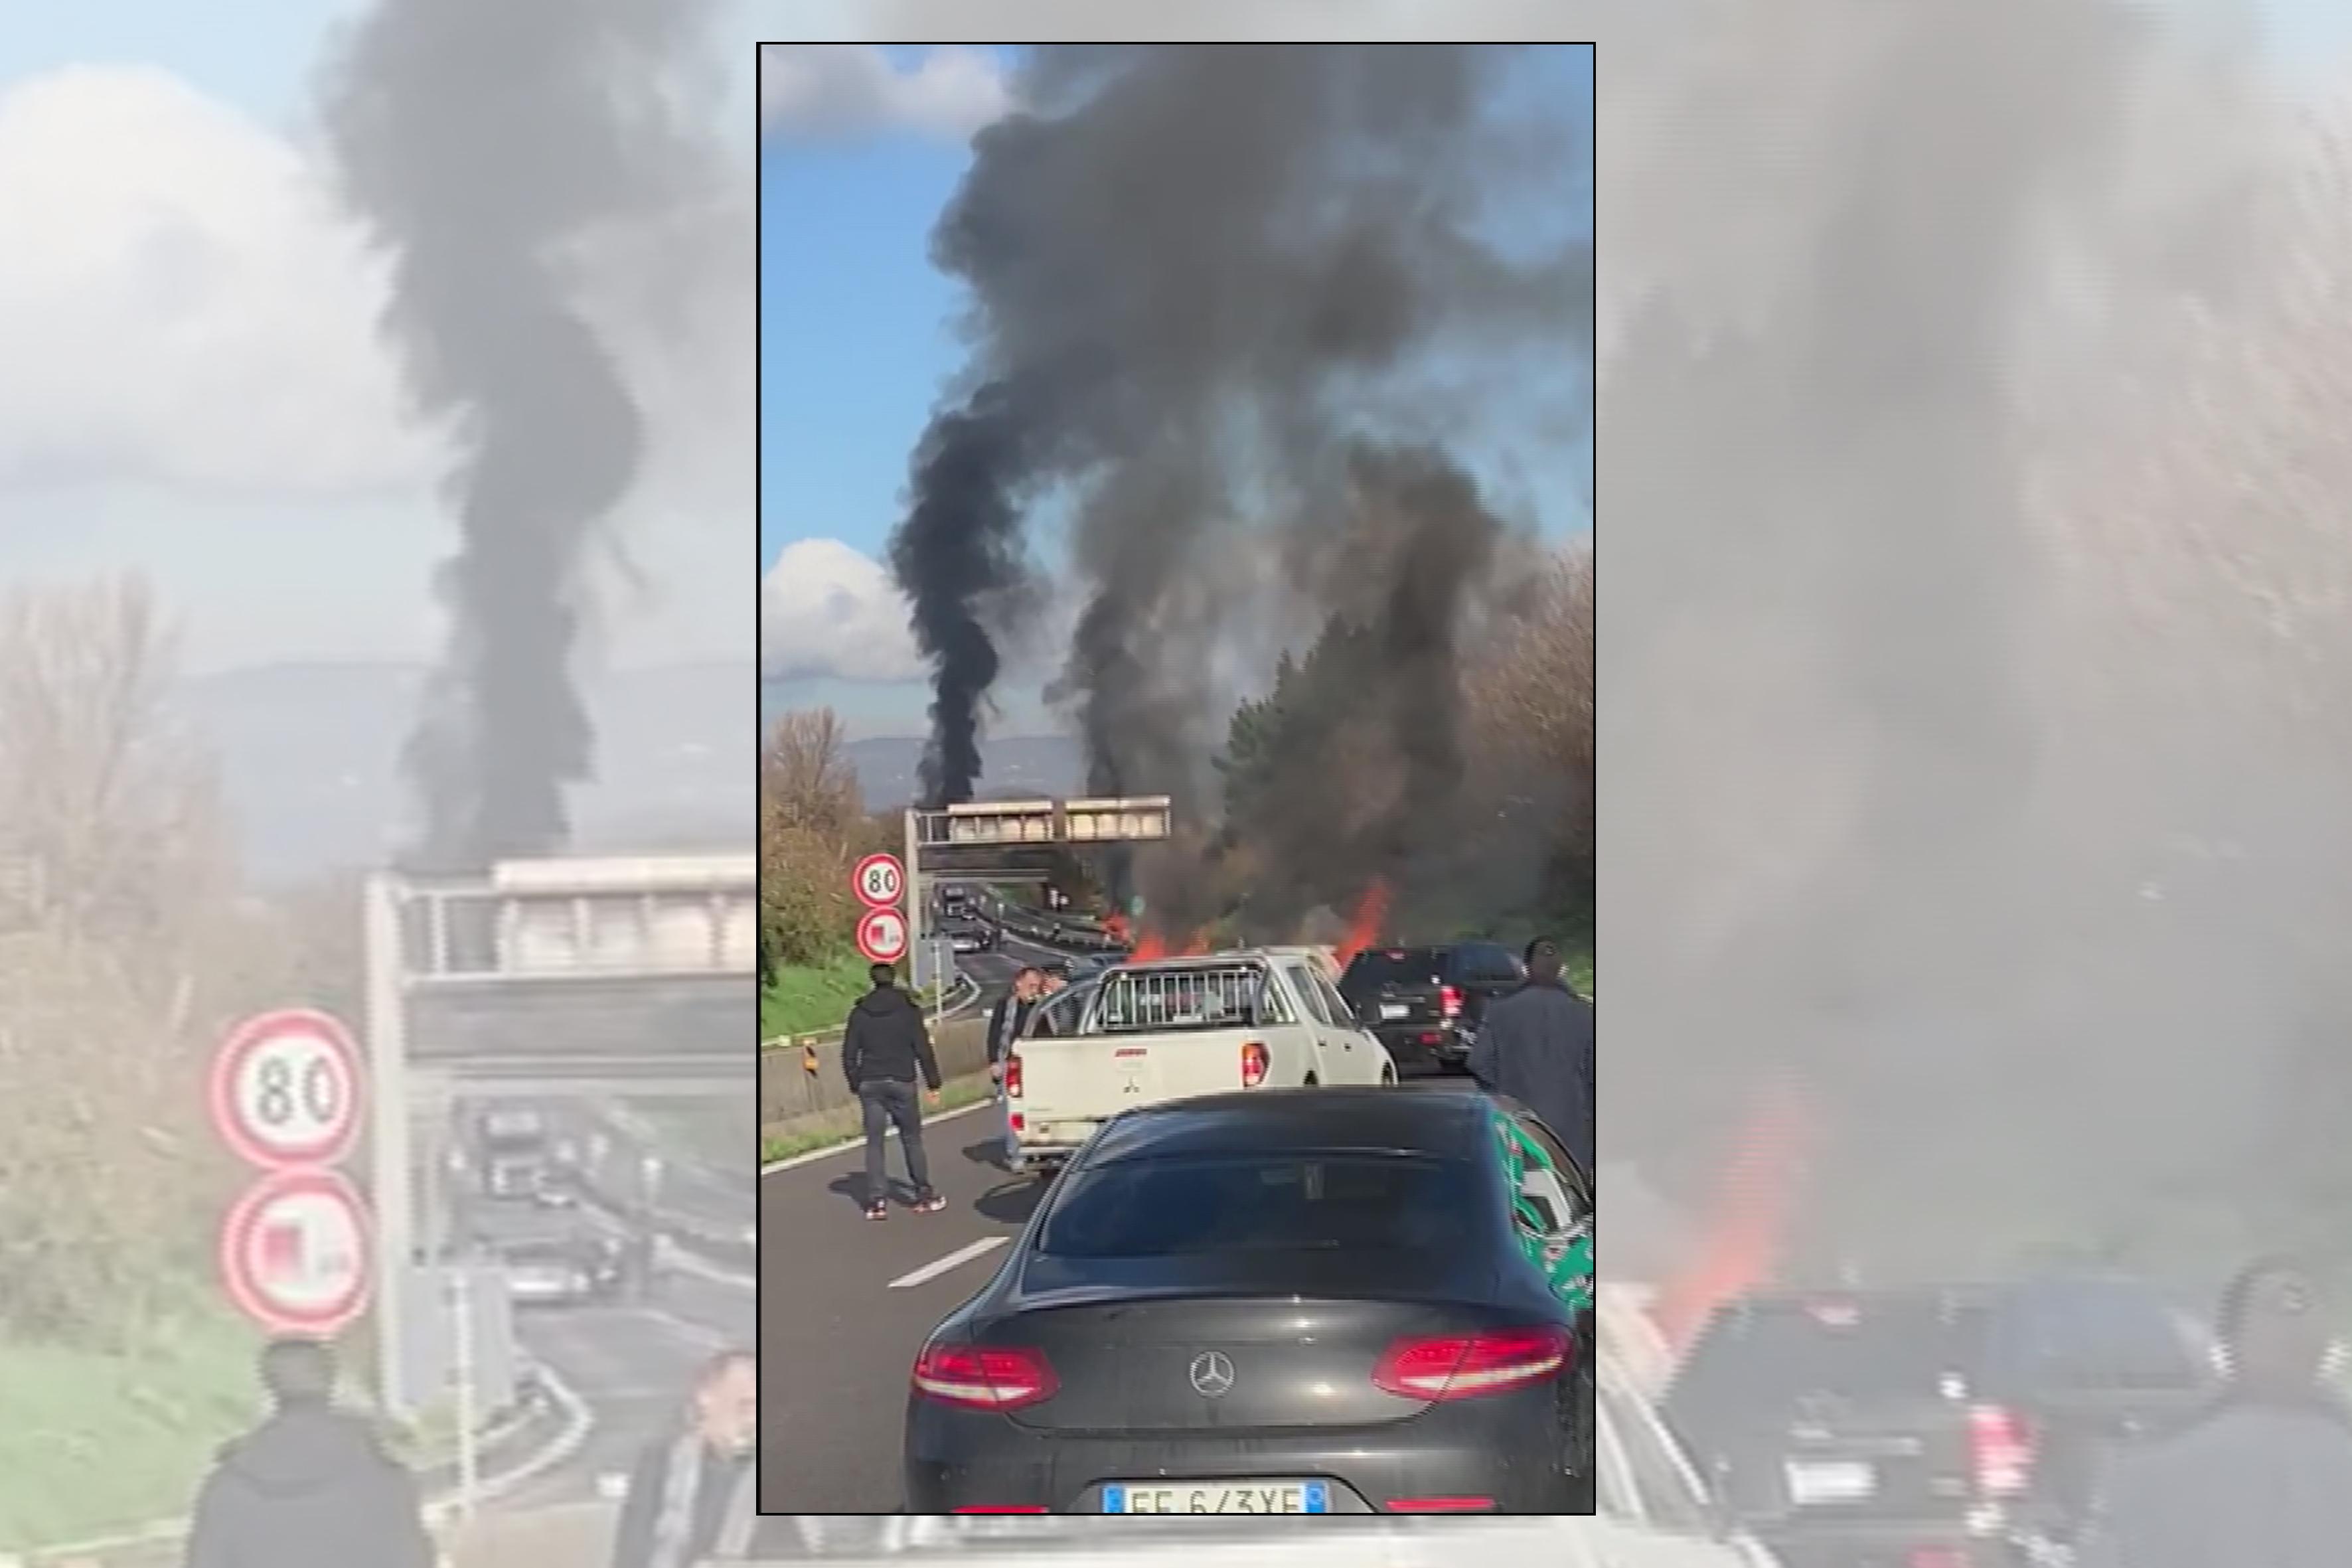 Rapina a portavalori, spari e auto in fiamme su raccordo Av-Sa